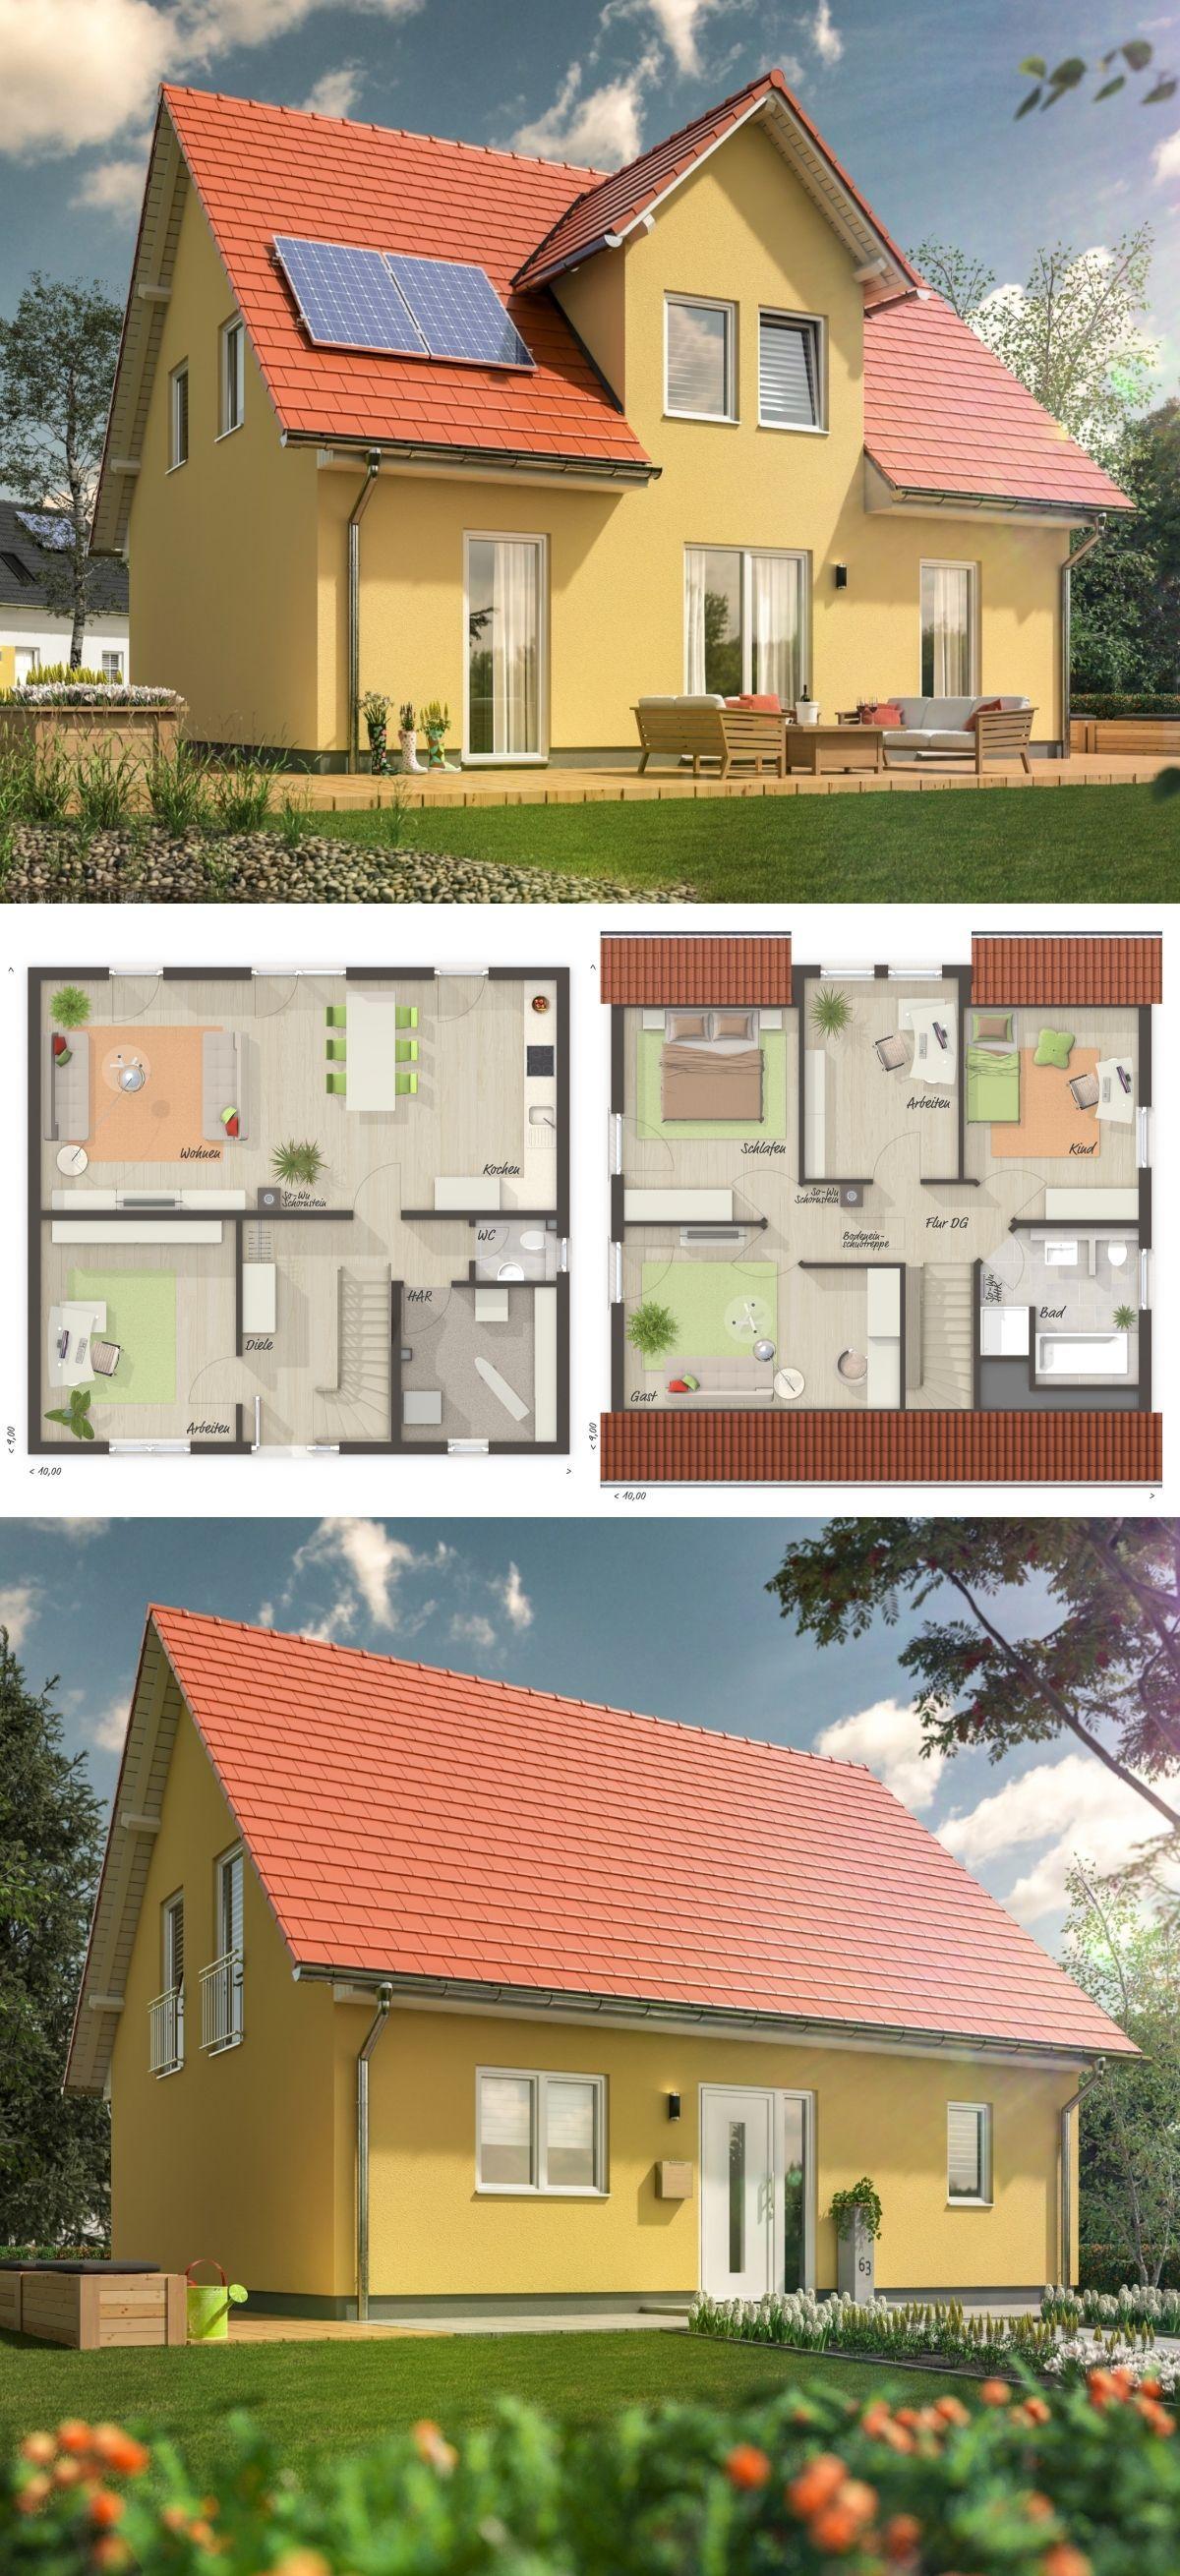 Klassisches Satteldach Haus Mit Giebel Putzfassade Gelb